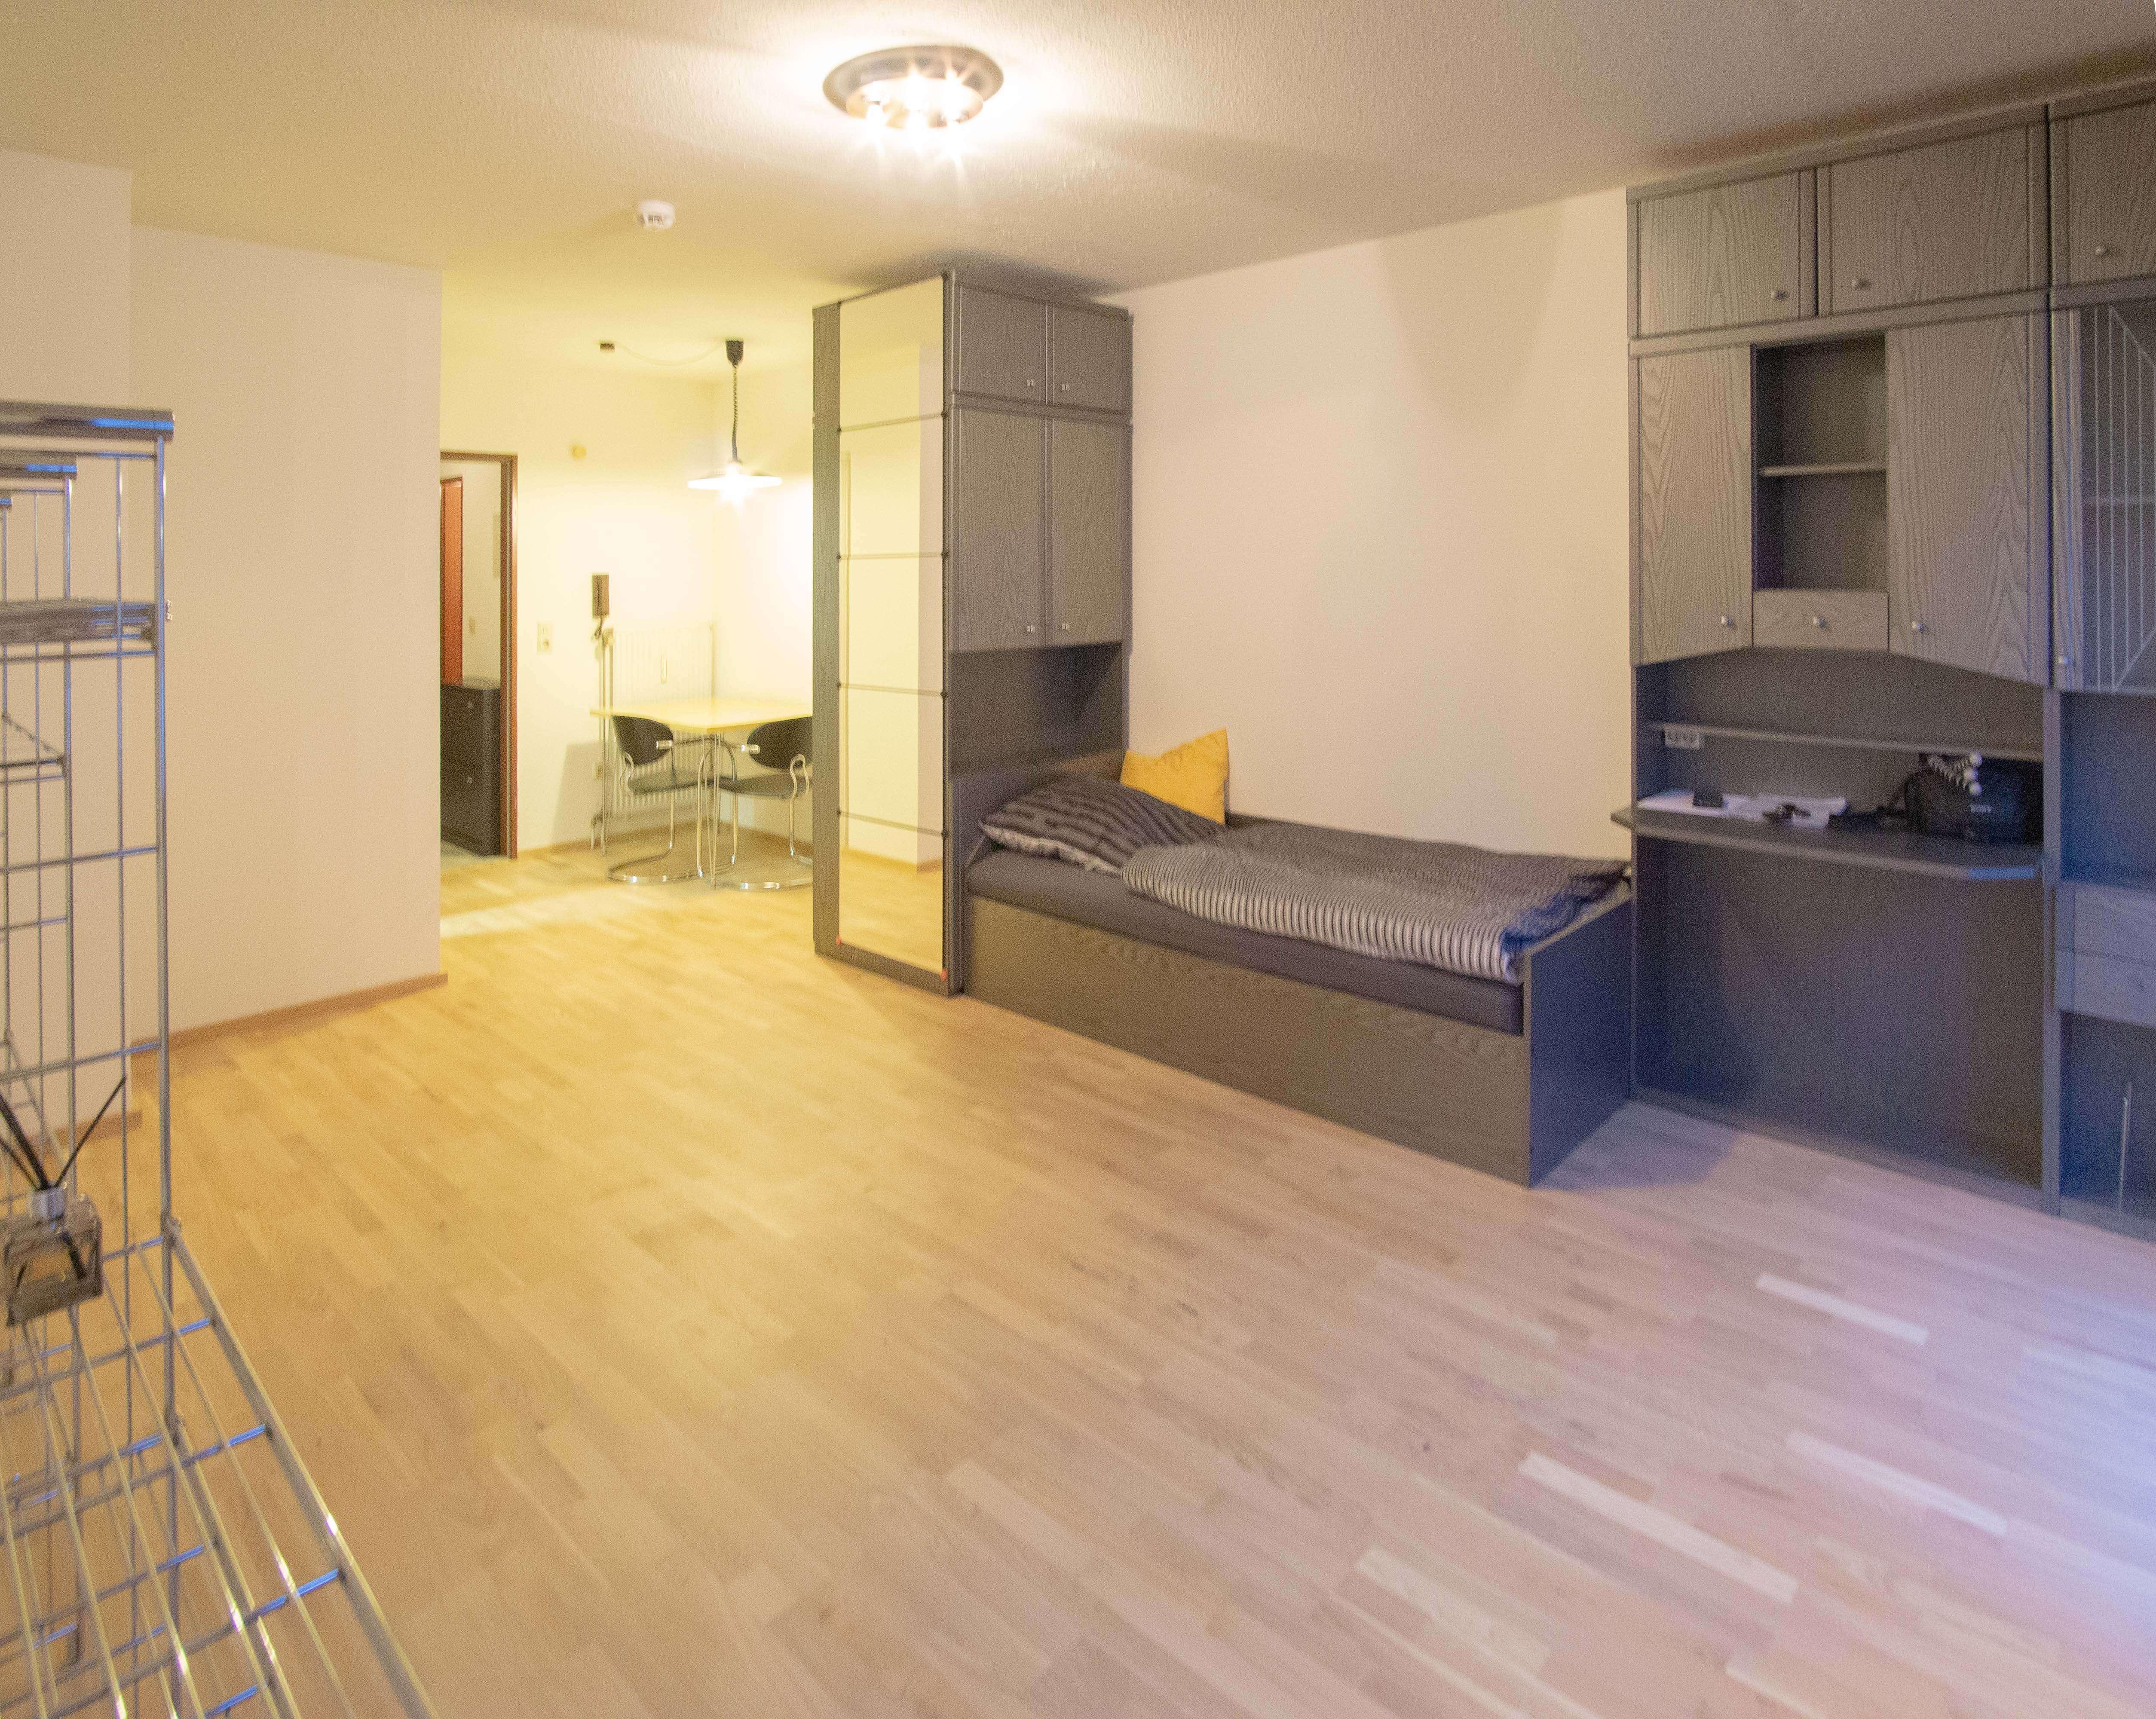 Offene, voll möblierte 1-Zimmer Wohnung mit Balkon zu vermieten!